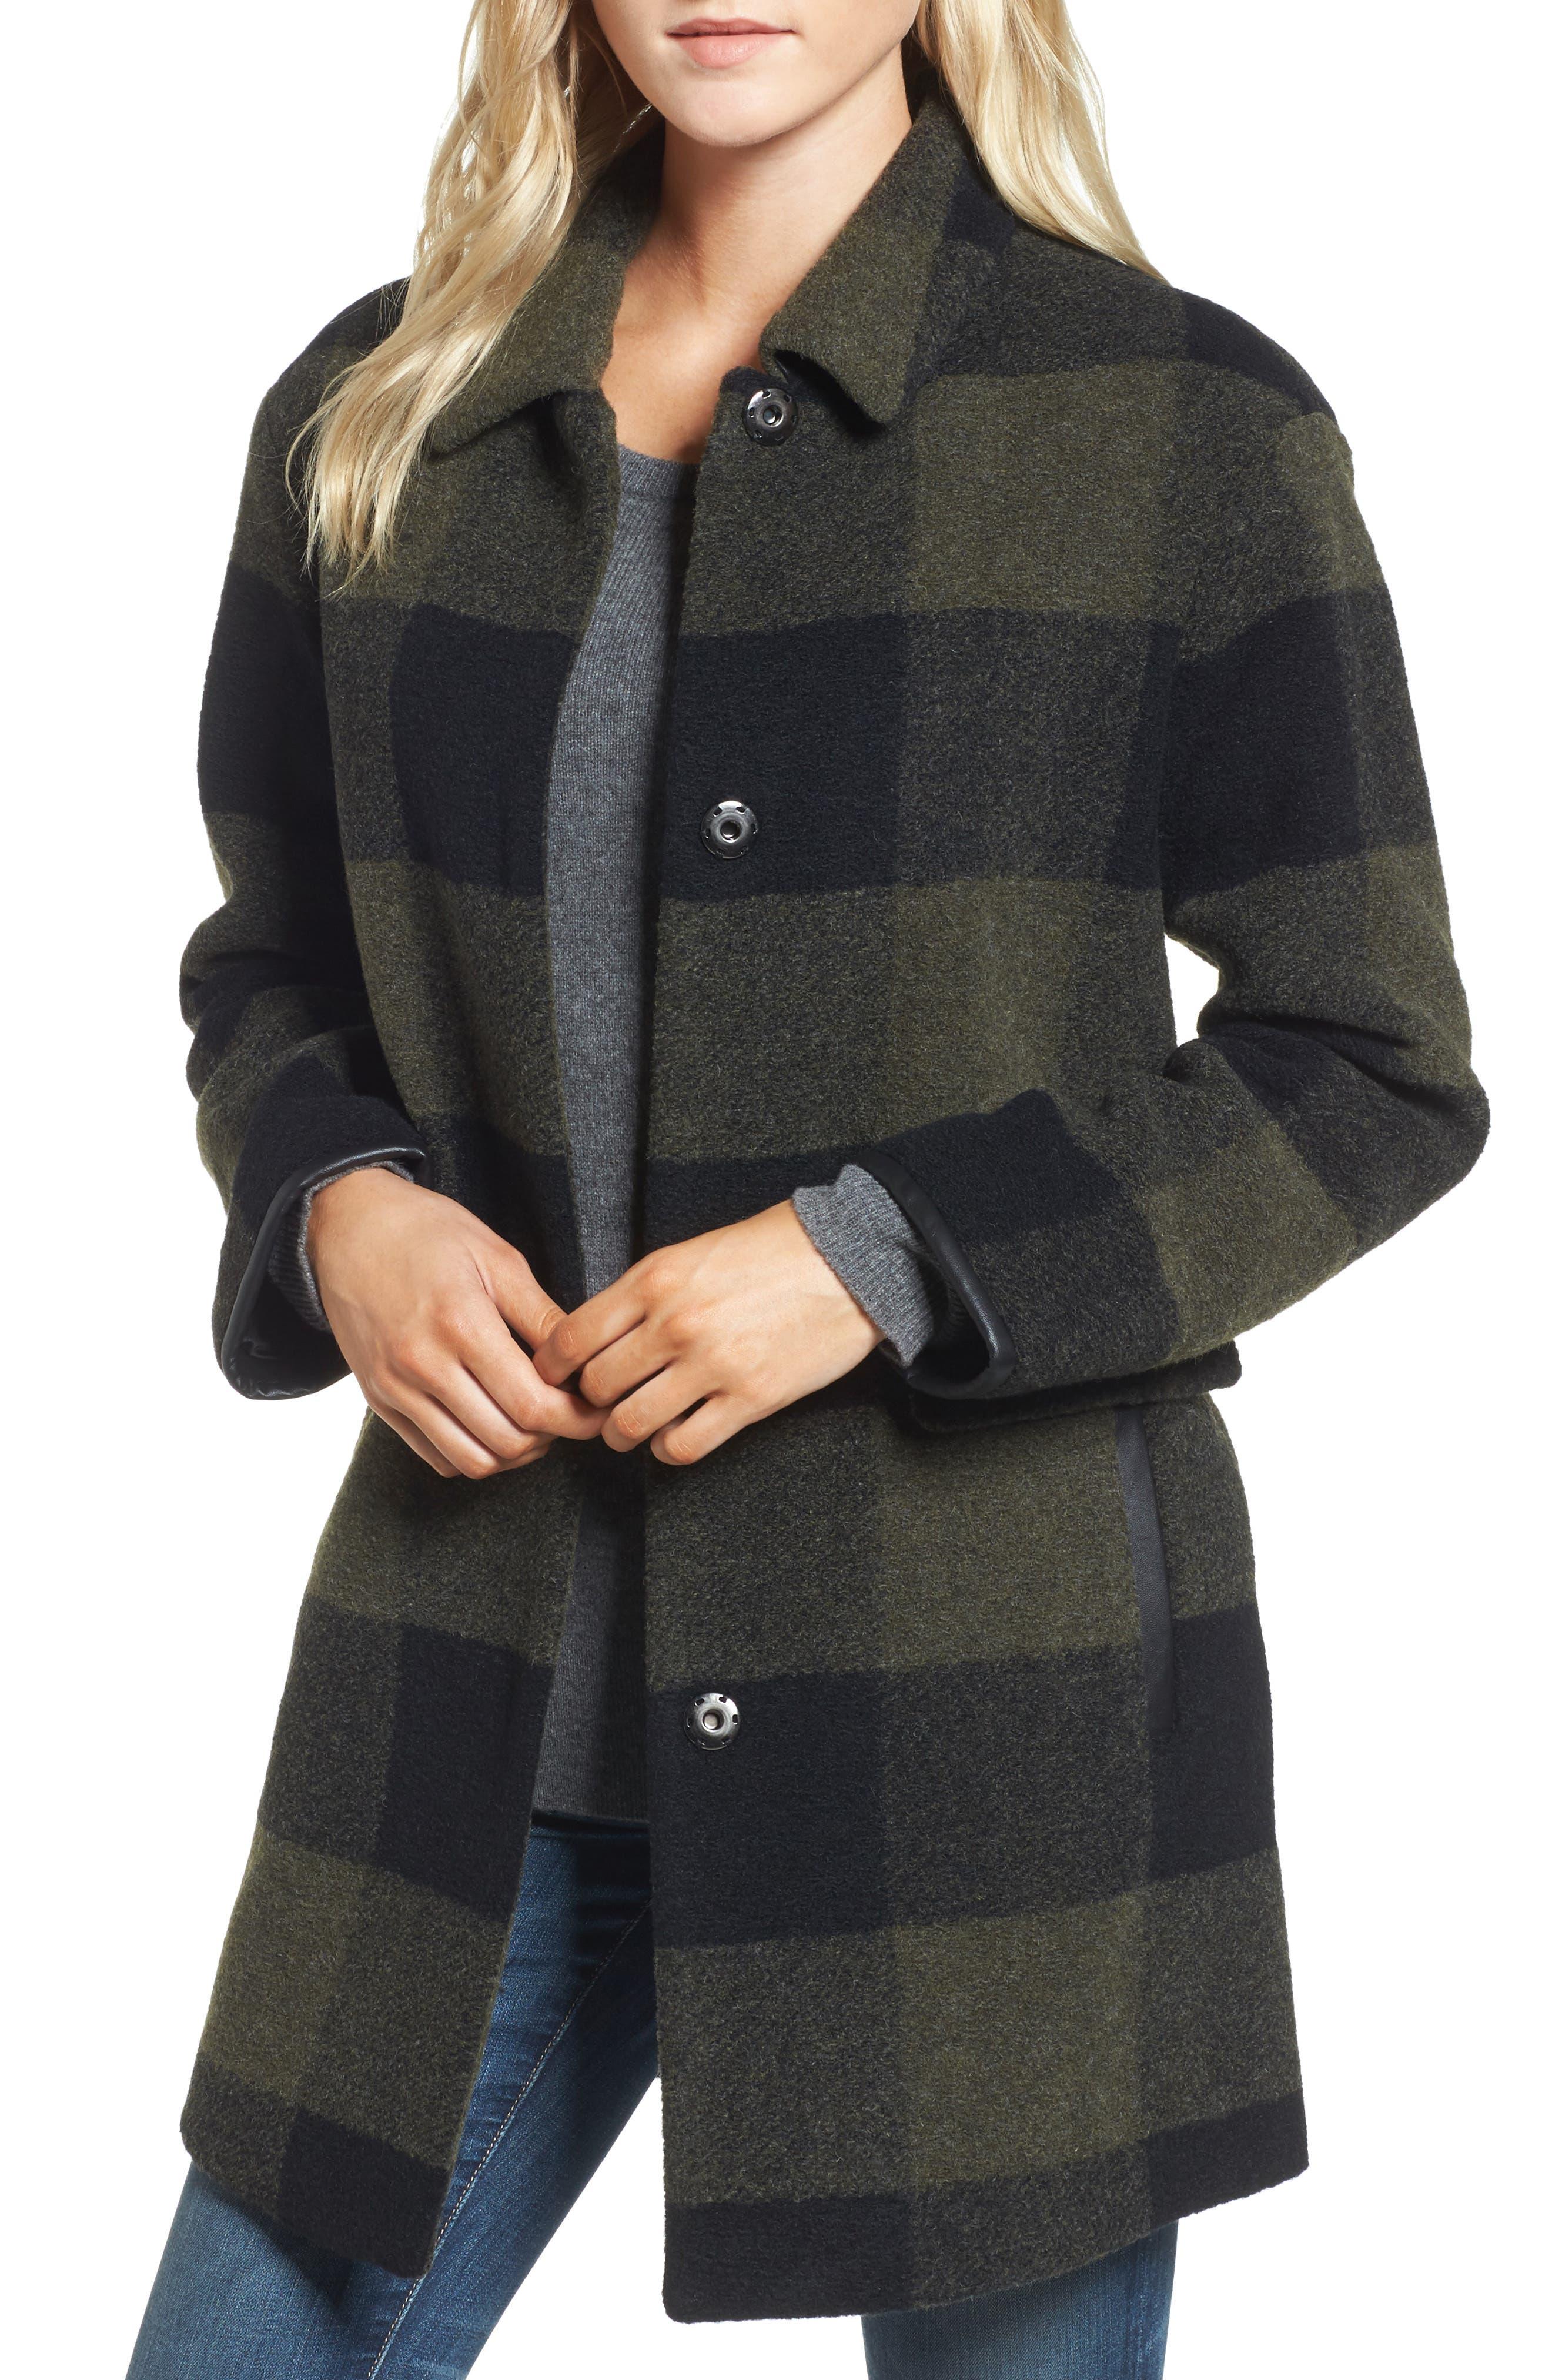 Alternate Image 1 Selected - Pendleton Paul Bunyan Plaid Wool Blend Barn Coat